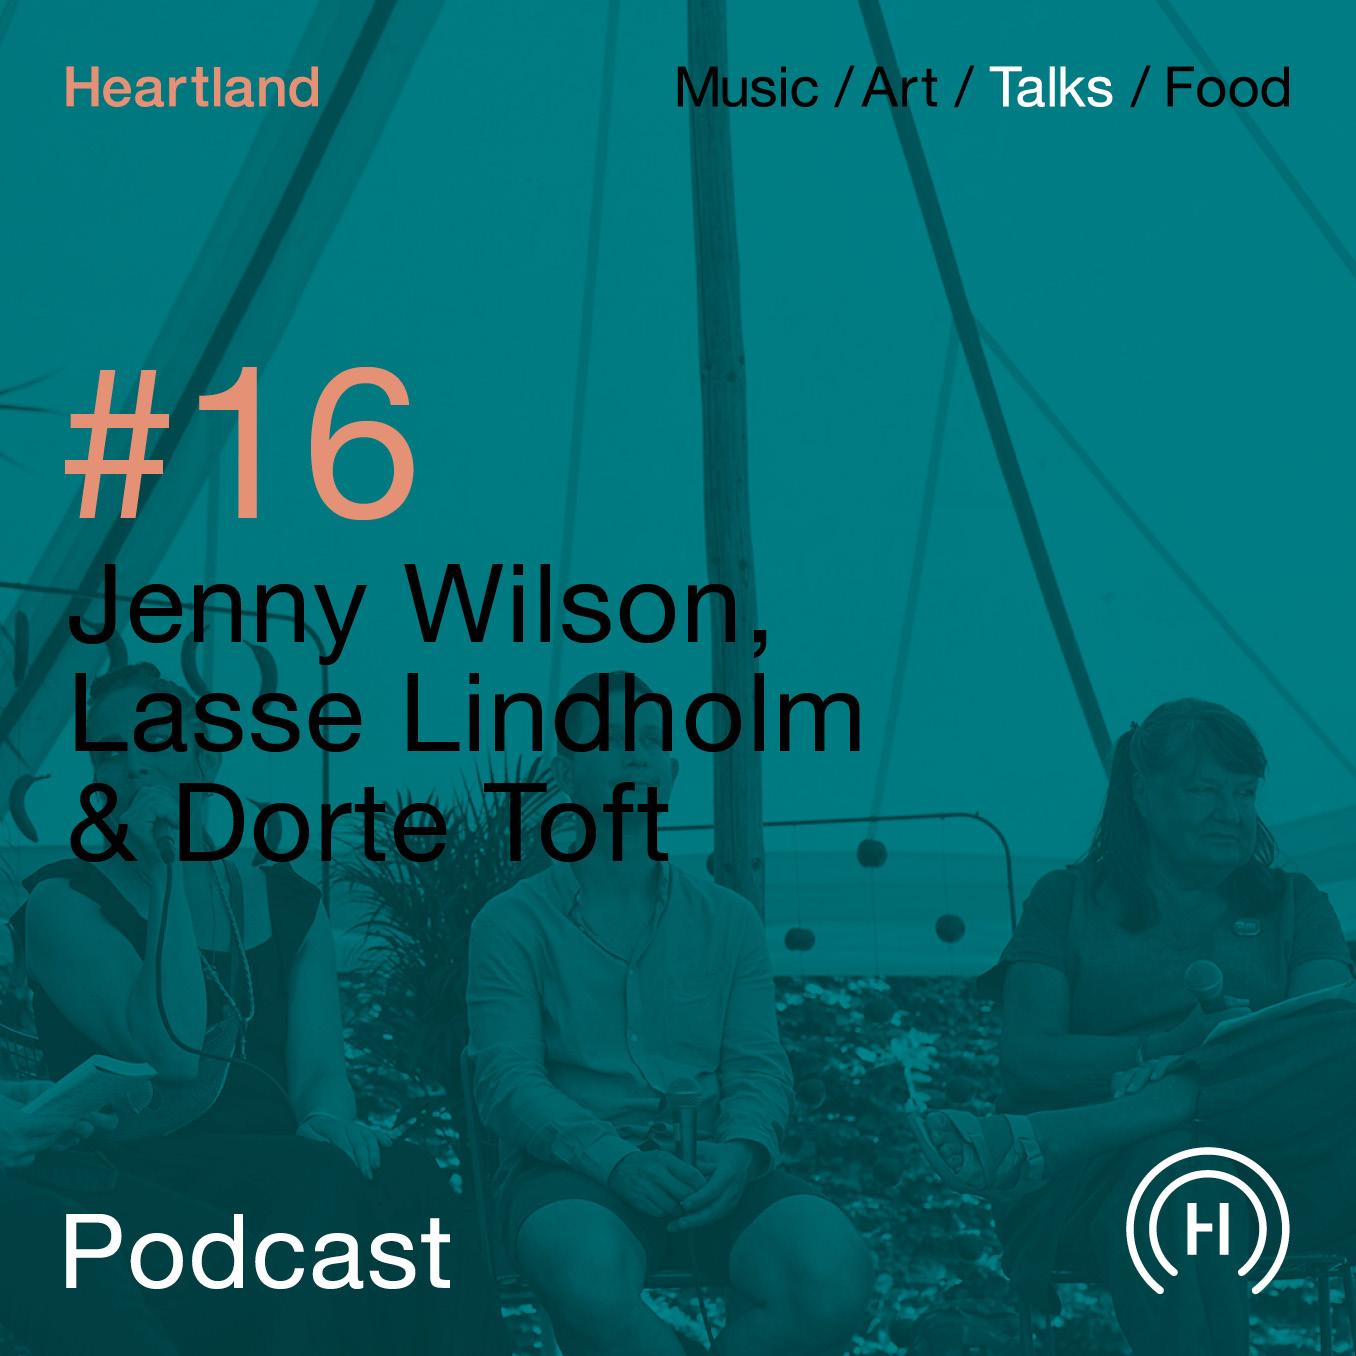 Heartland_Podcast_16.jpg